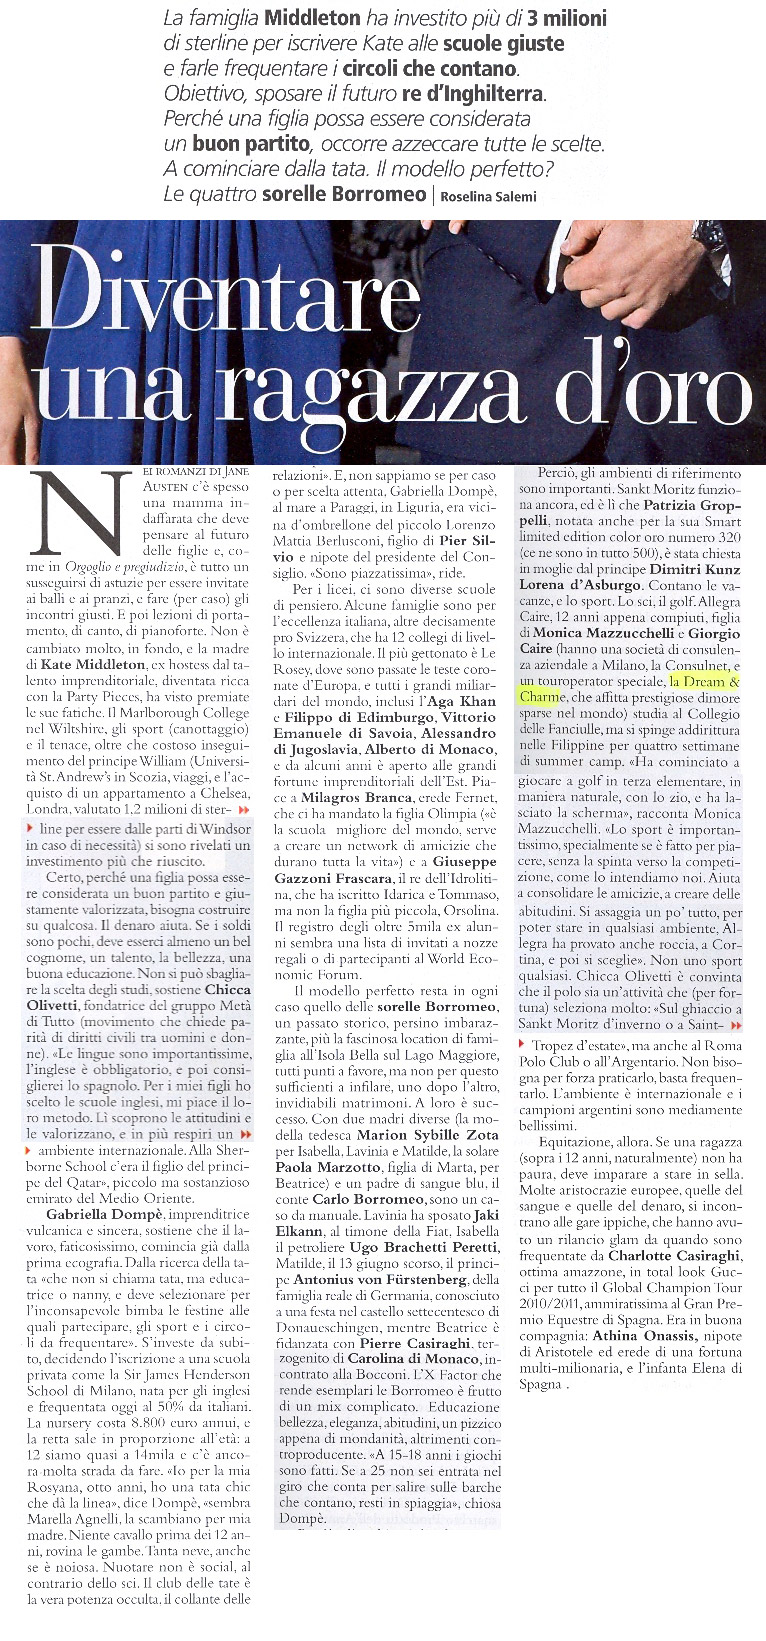 Articolo-Capital-09.2011